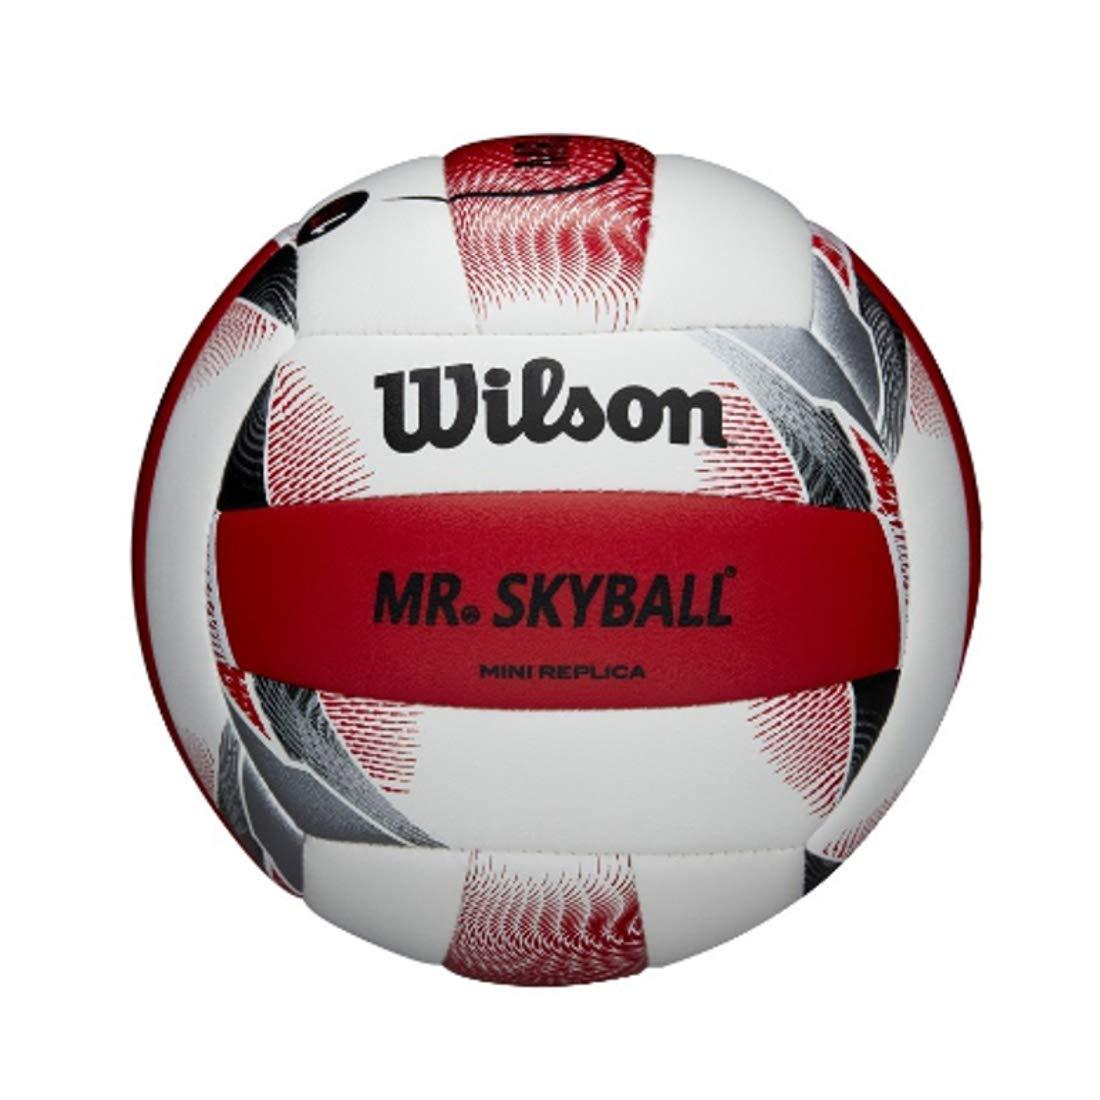 Wilson - Mini balón de Voleibol de Playa: Amazon.es: Deportes y ...